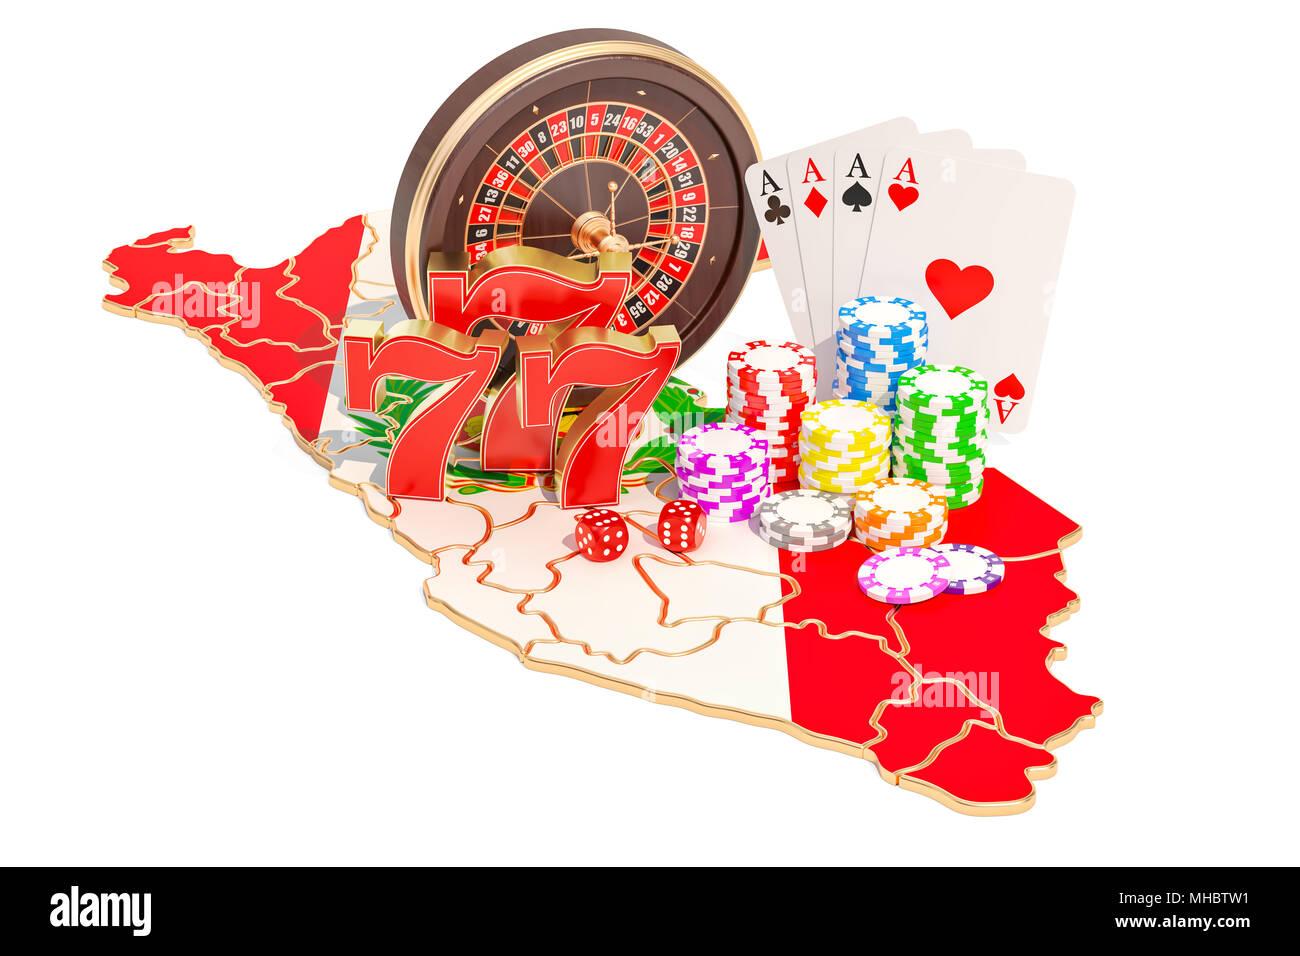 all star slots casino no deposit bonus codes